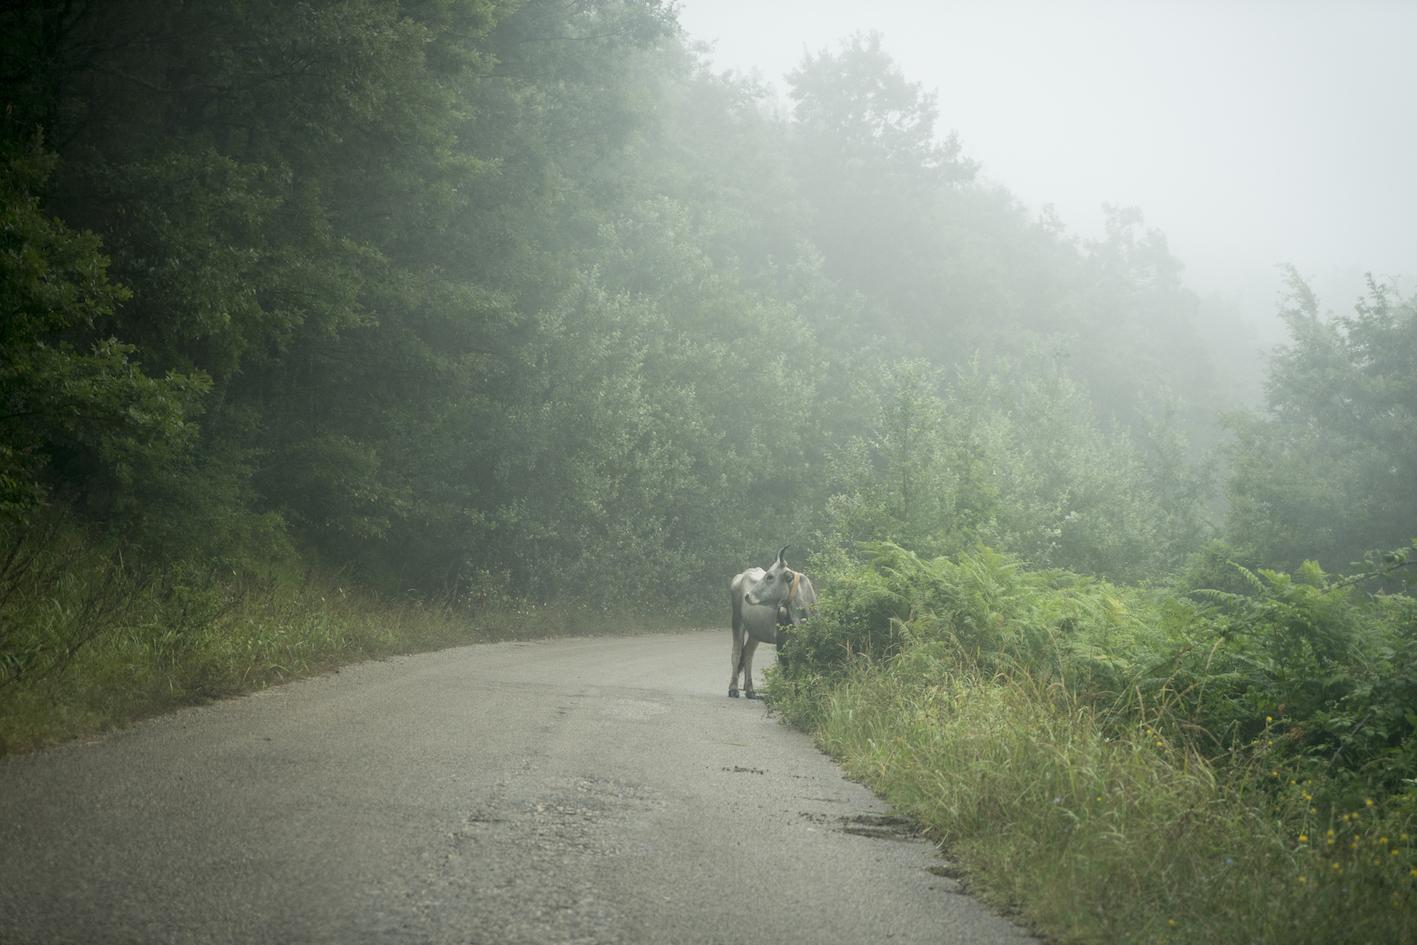 Casa Di Campagna Traduzione Francese : Stiamo scomparendo u2013 viaggio nellitalia in minoranza u2013 nazione indiana